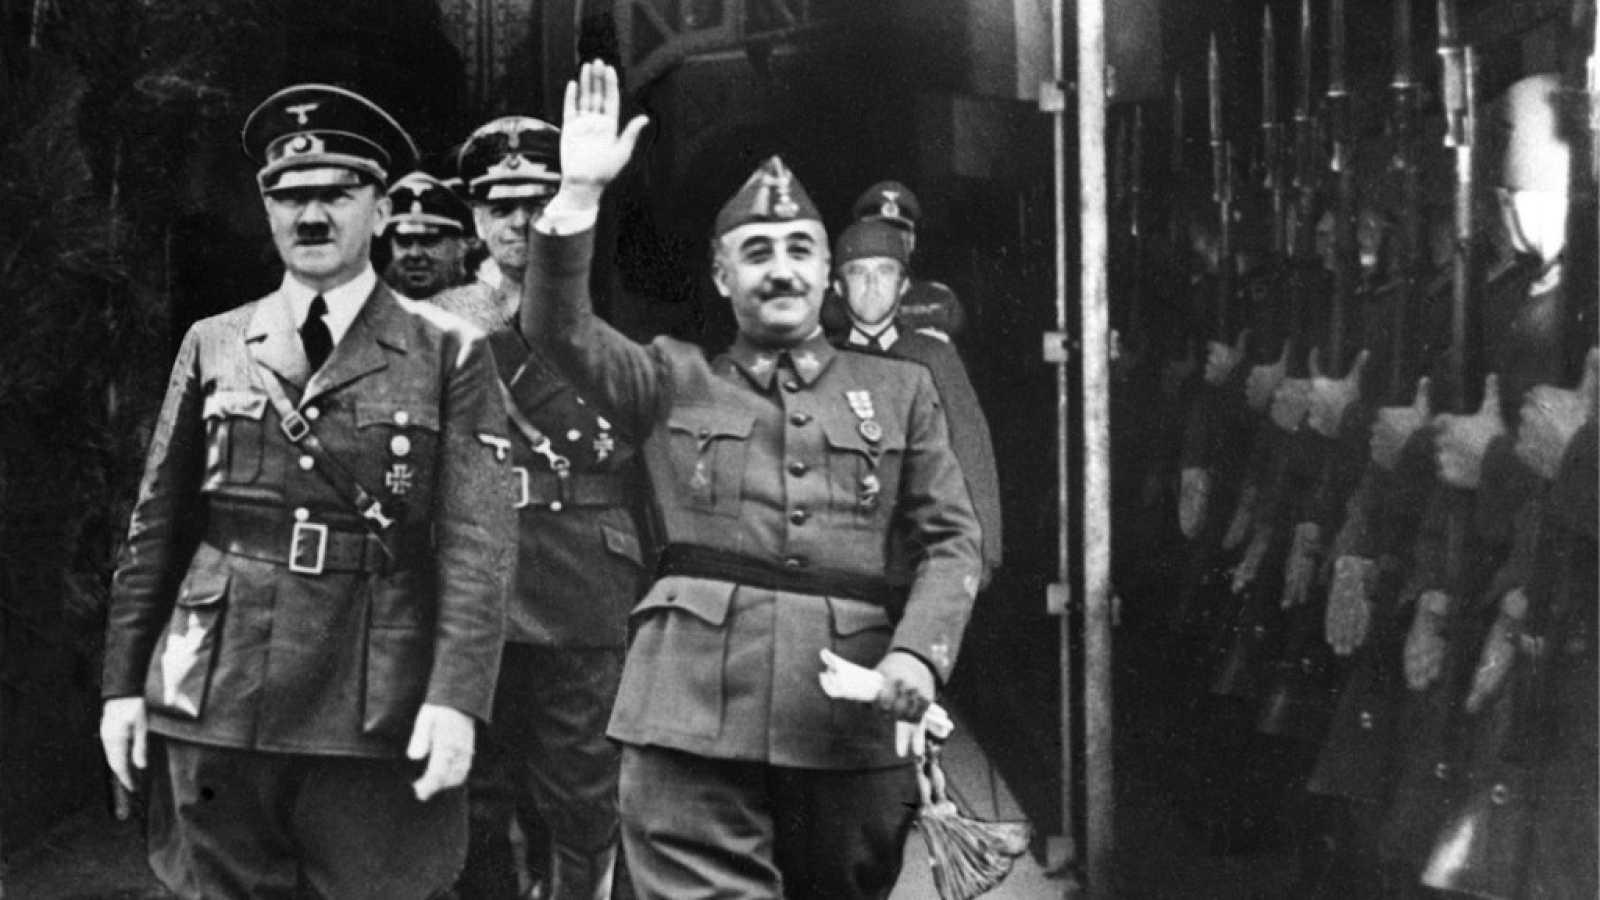 Reportajes 5 Continentes - ¿Donde están enterrados los dictatores en el mundo? - Escuchar ahora